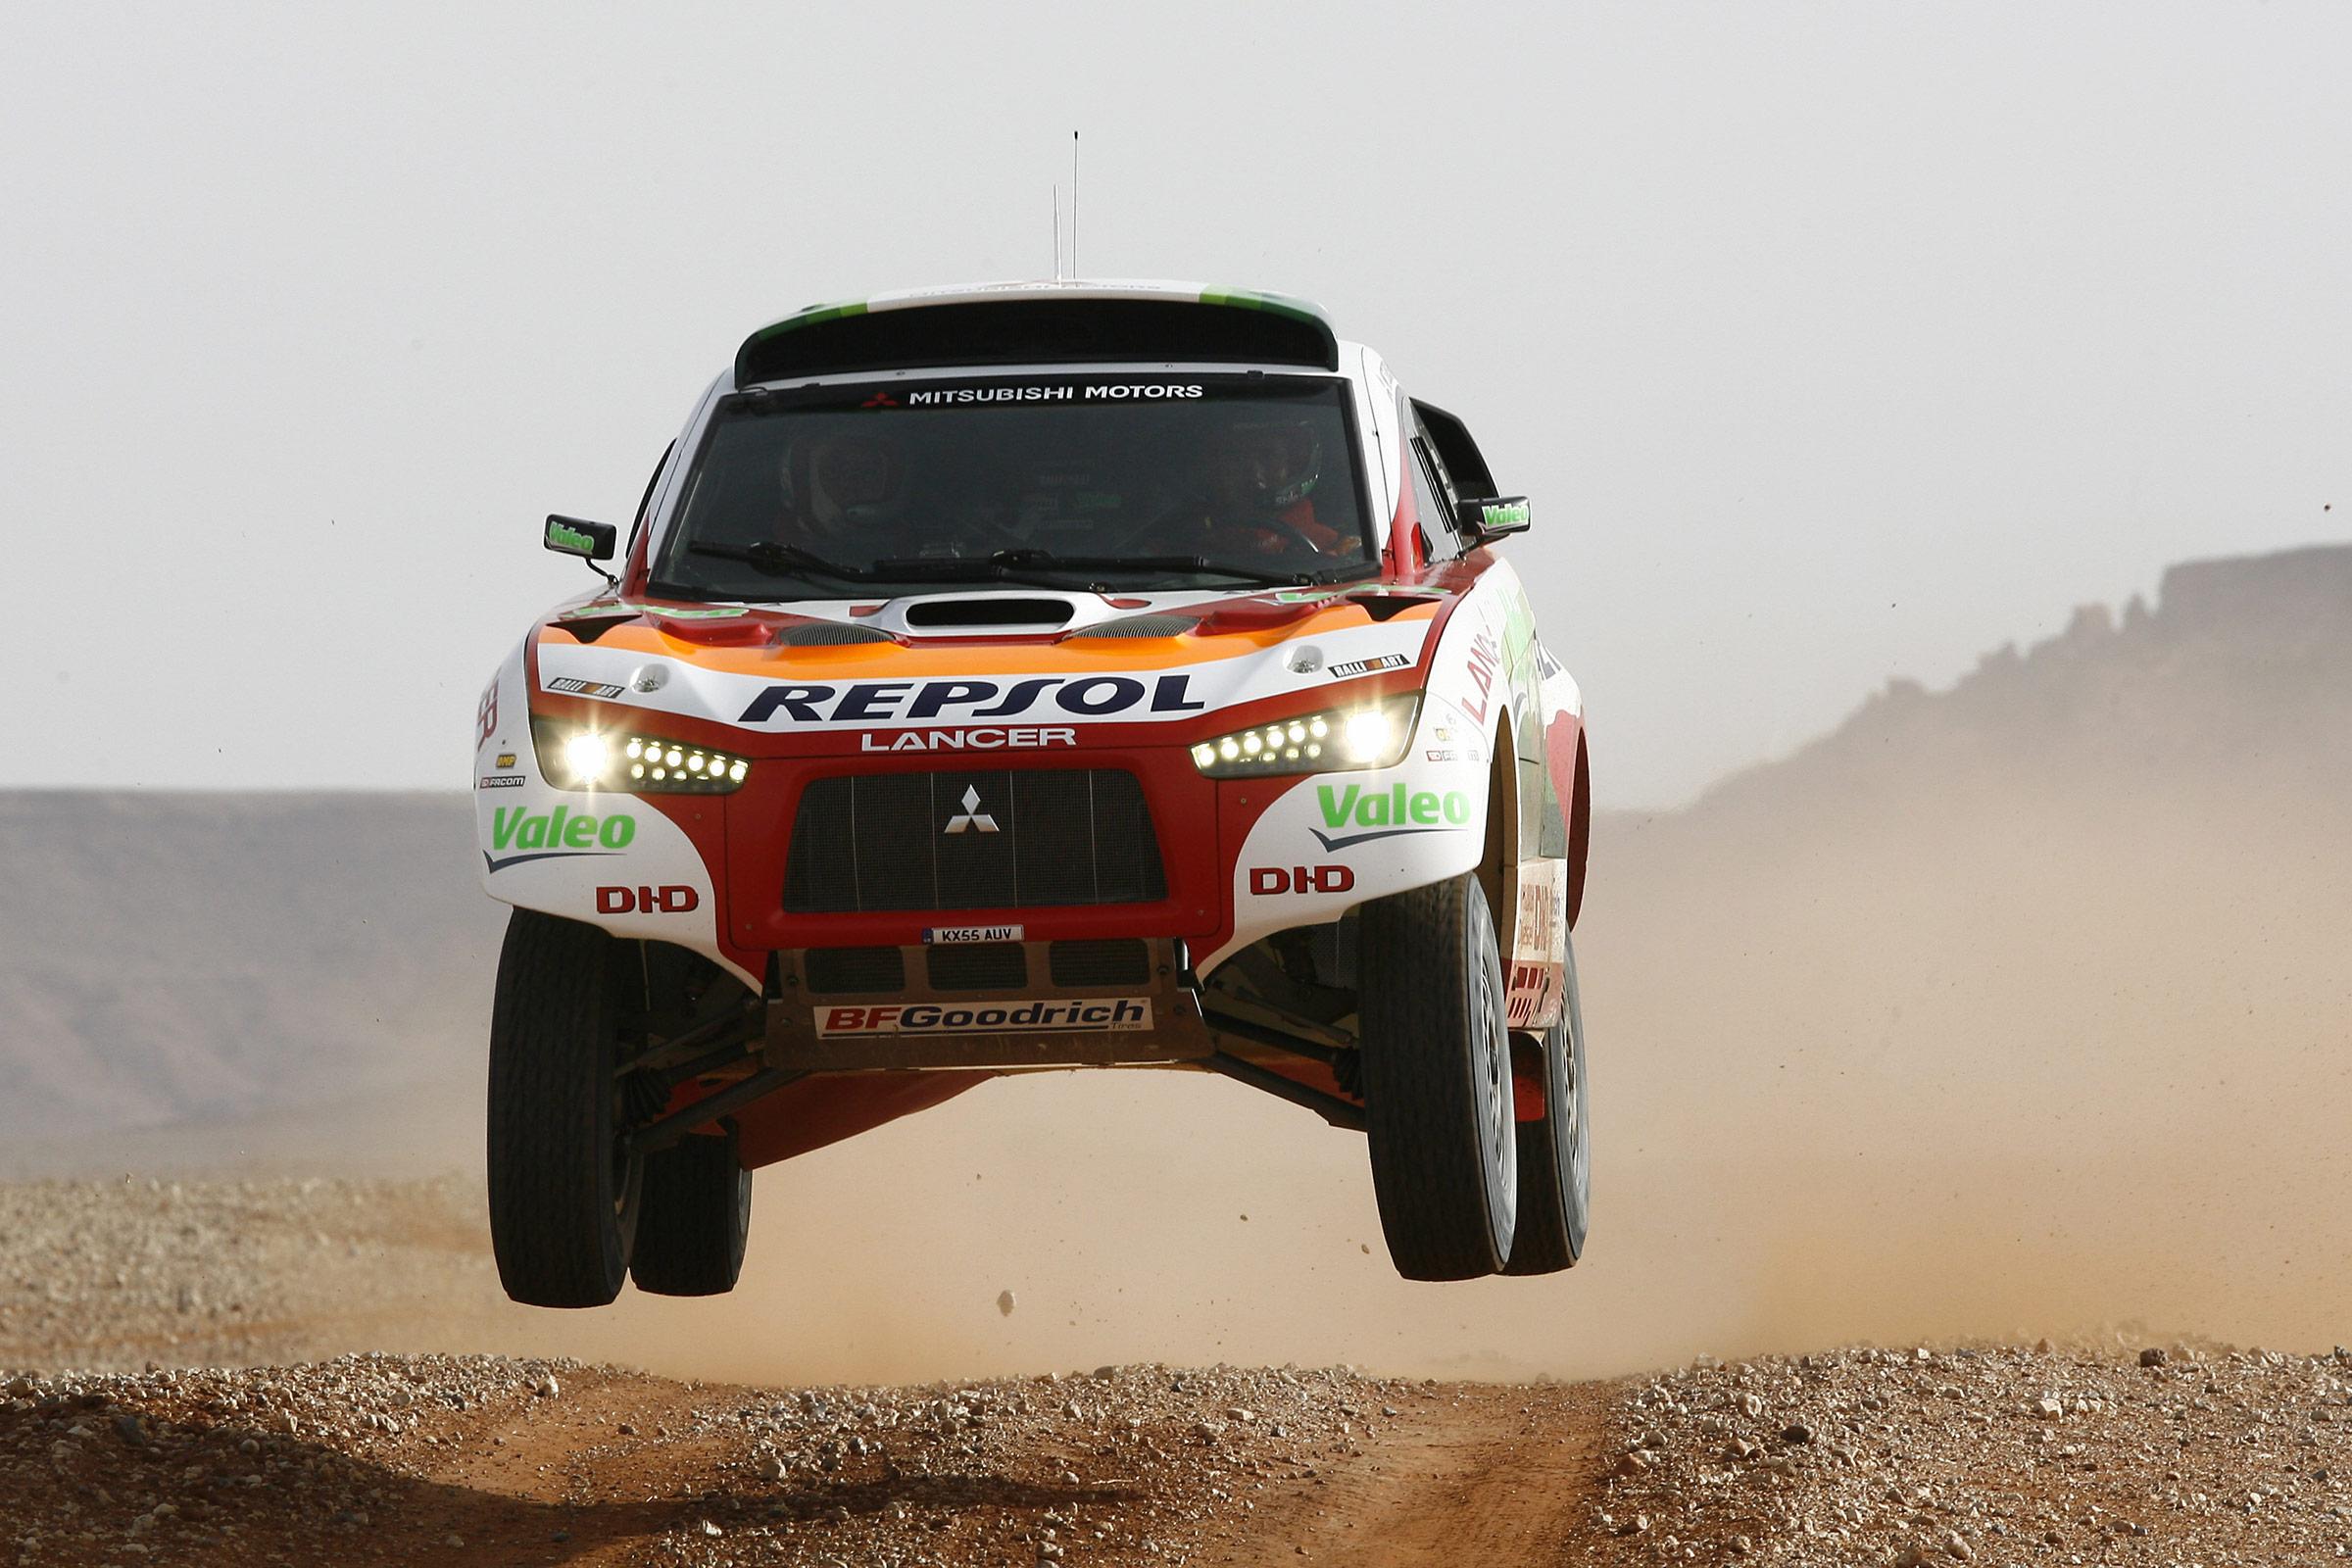 Dakar, car rally, MITSUBISHI Lancer, скачать фото, обои для рабочего стола, Дакар